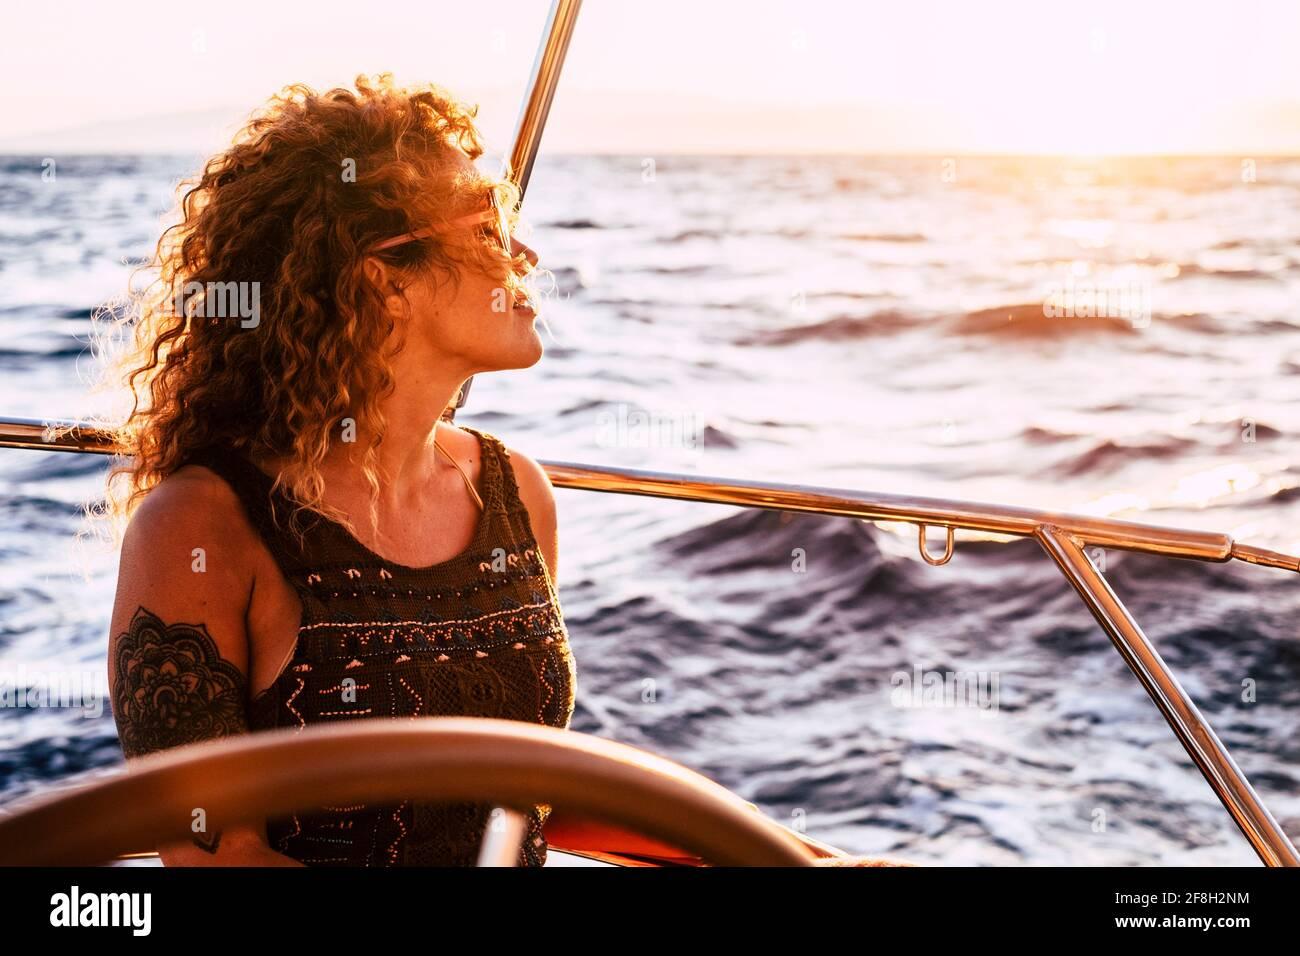 Una mujer adulta rica disfruta de un estilo de vida de lujo viajando en velero para las vacaciones de verano - la gente femenina bonita libertad al aire libre con mar Foto de stock